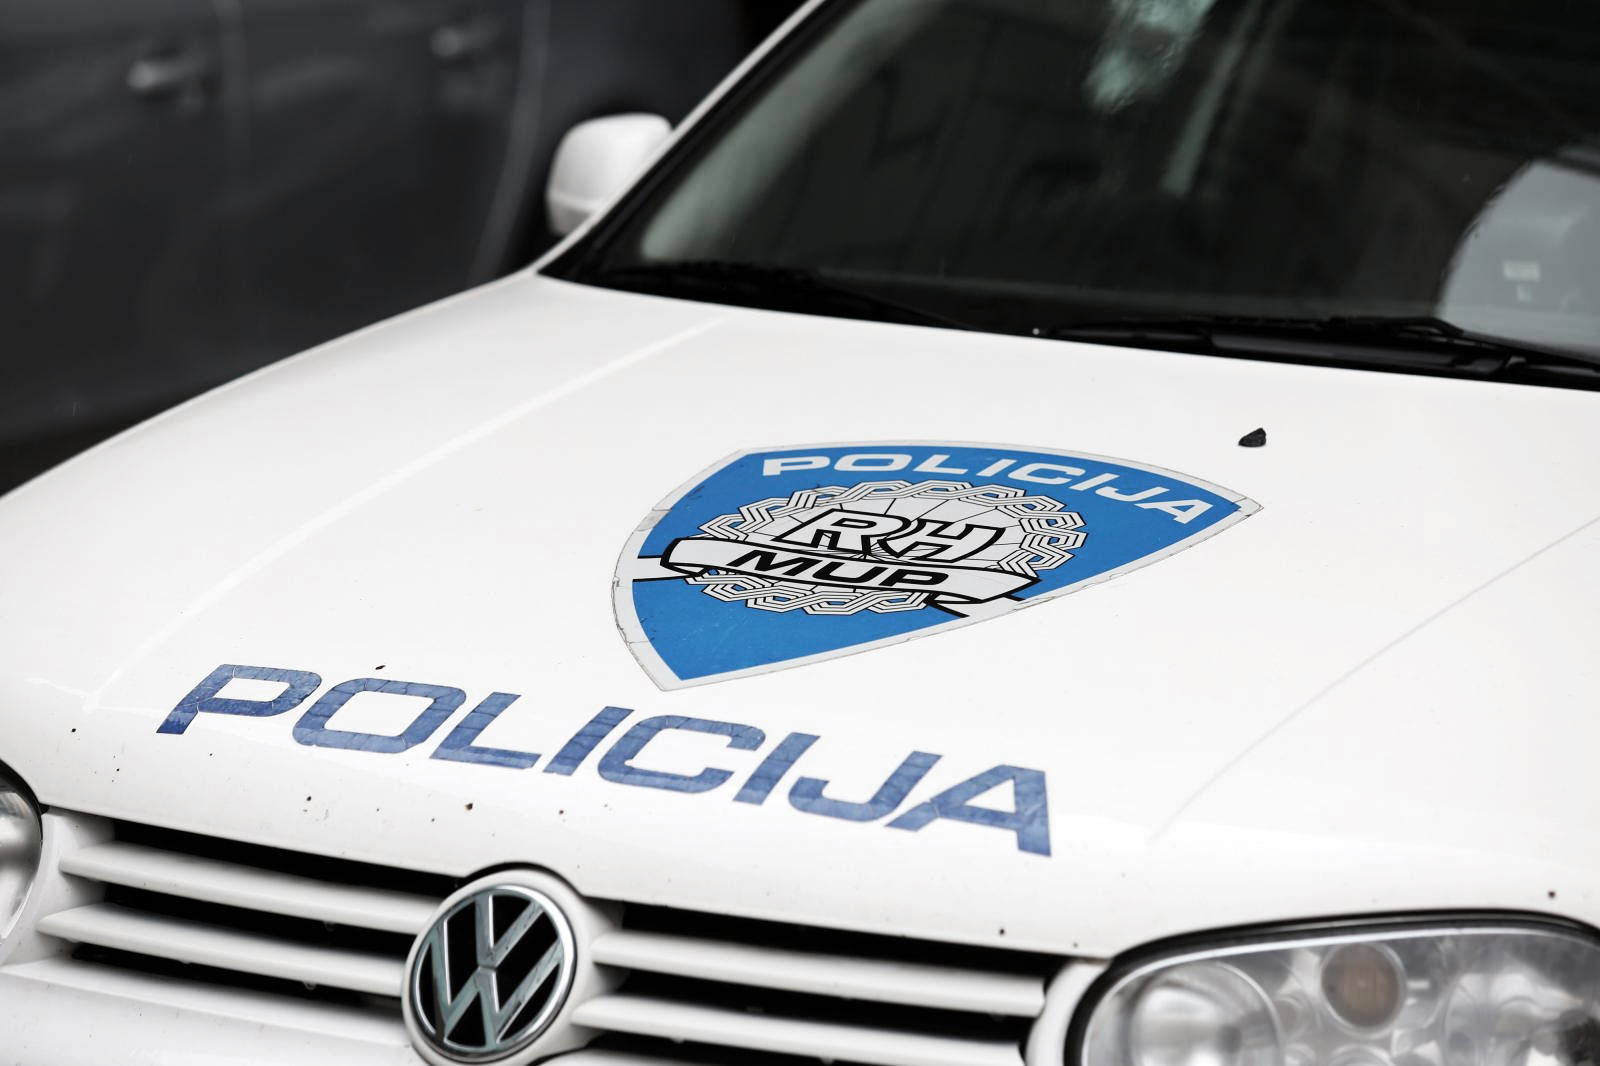 Muškarac počinio samoubojstvo u Petrinji, aktivirao je eksplozivnu napravu